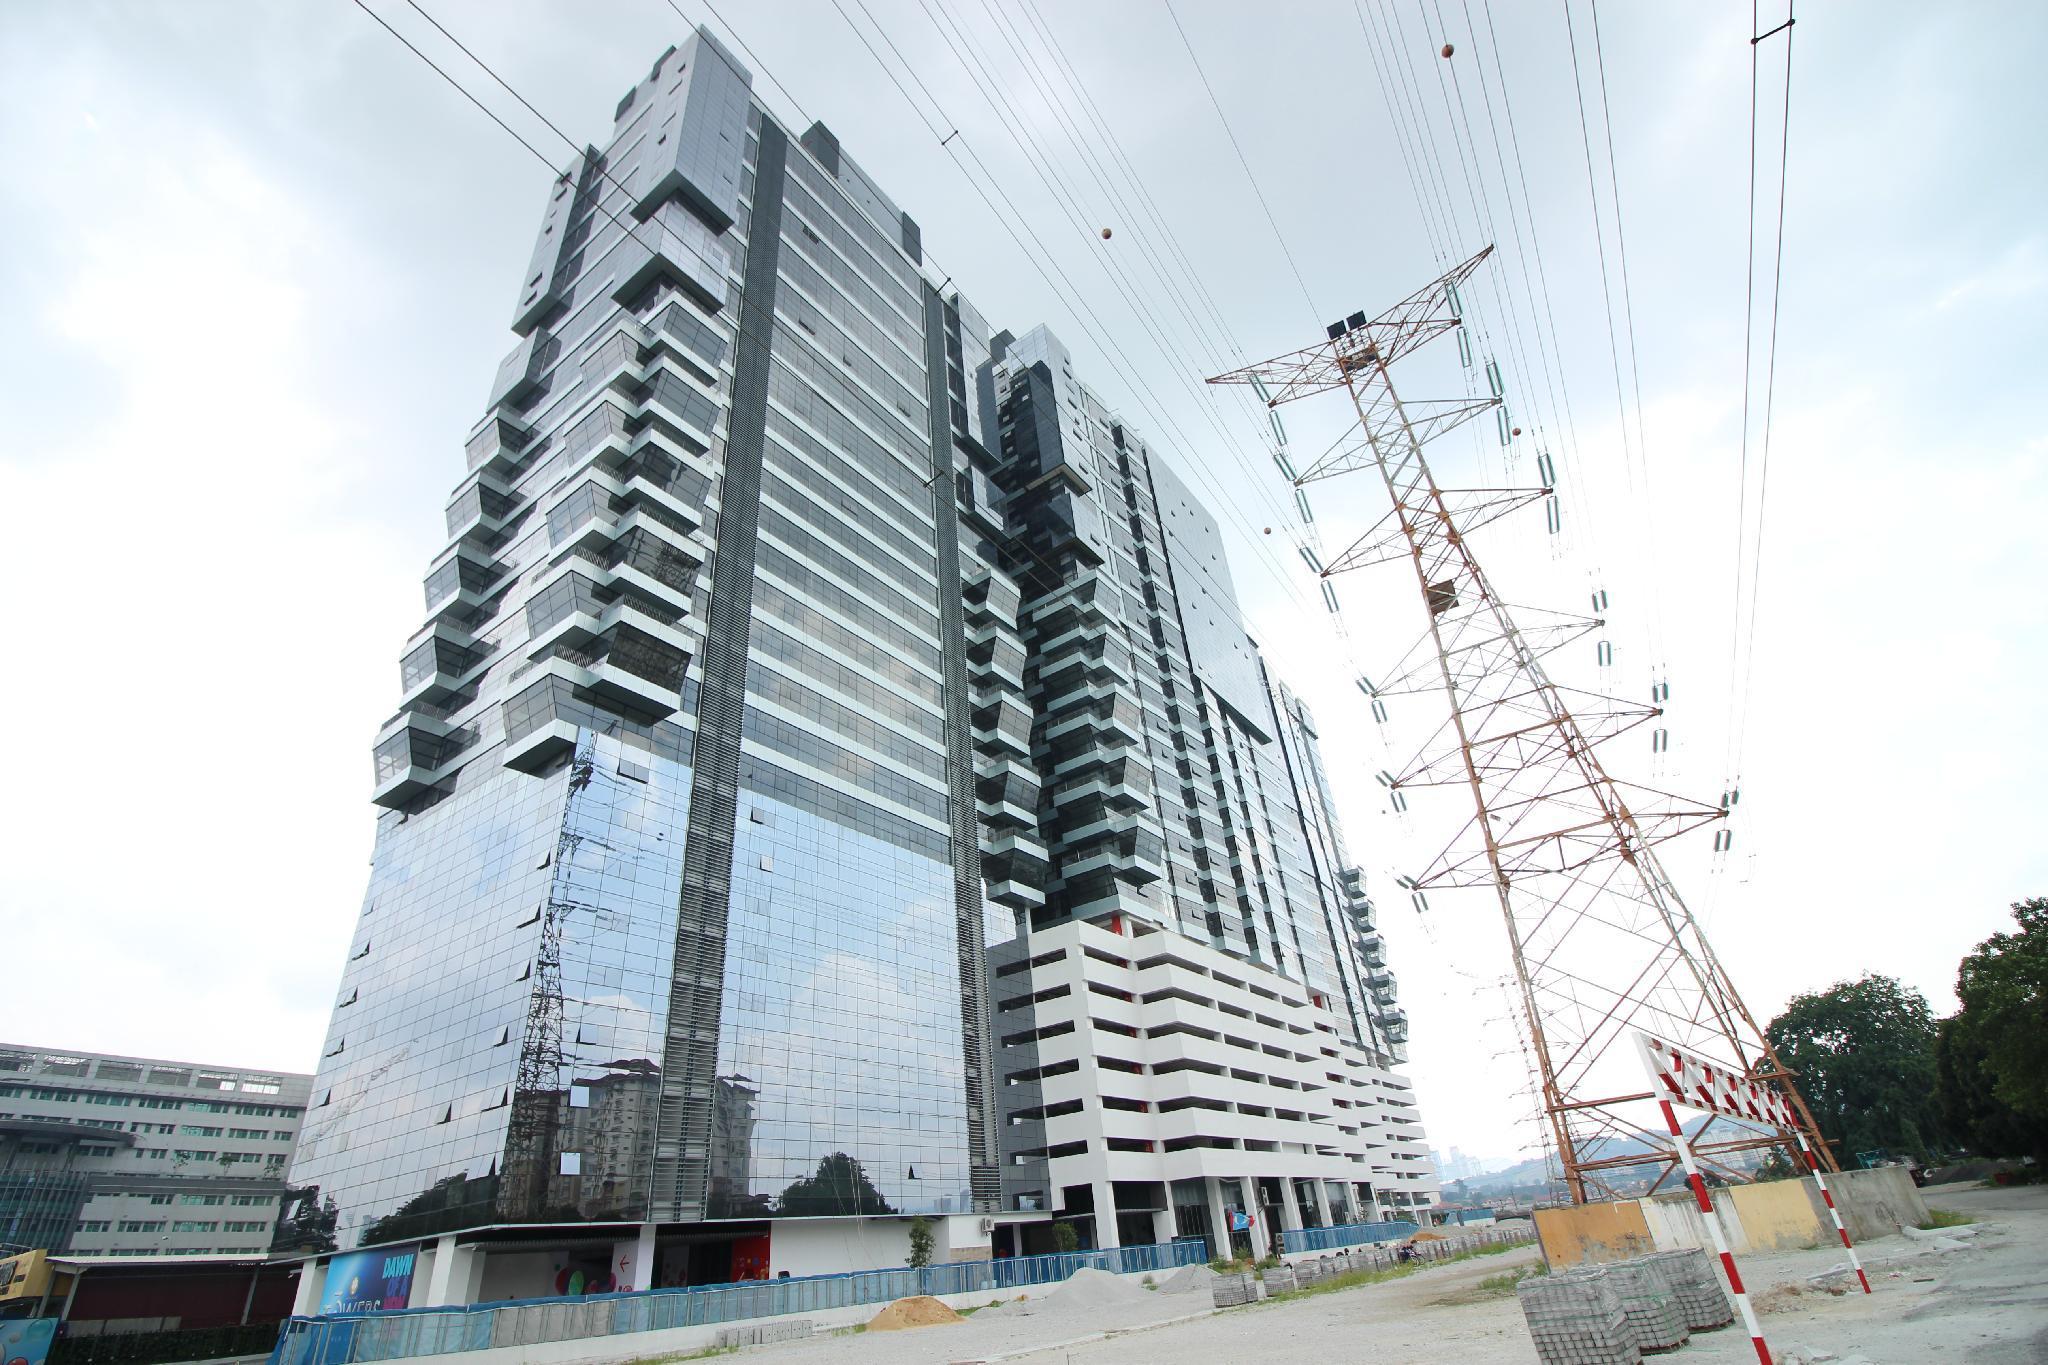 3 Towers @ KL Embassy Row By Sarang